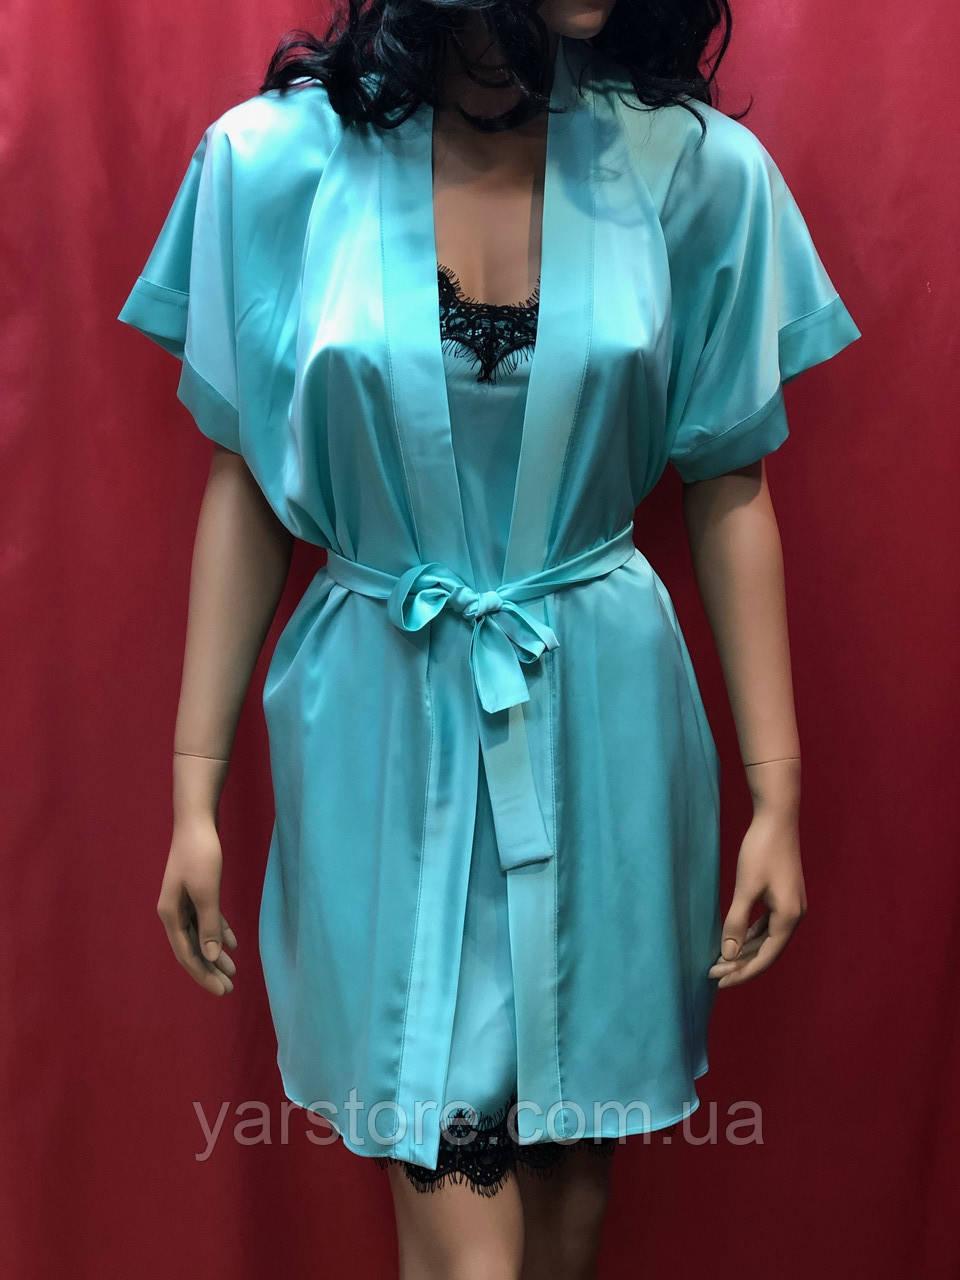 fea4536c6a6a3cd Комплект шелковый ночнушка с халатом, цена 760 грн./комплект, купить ...